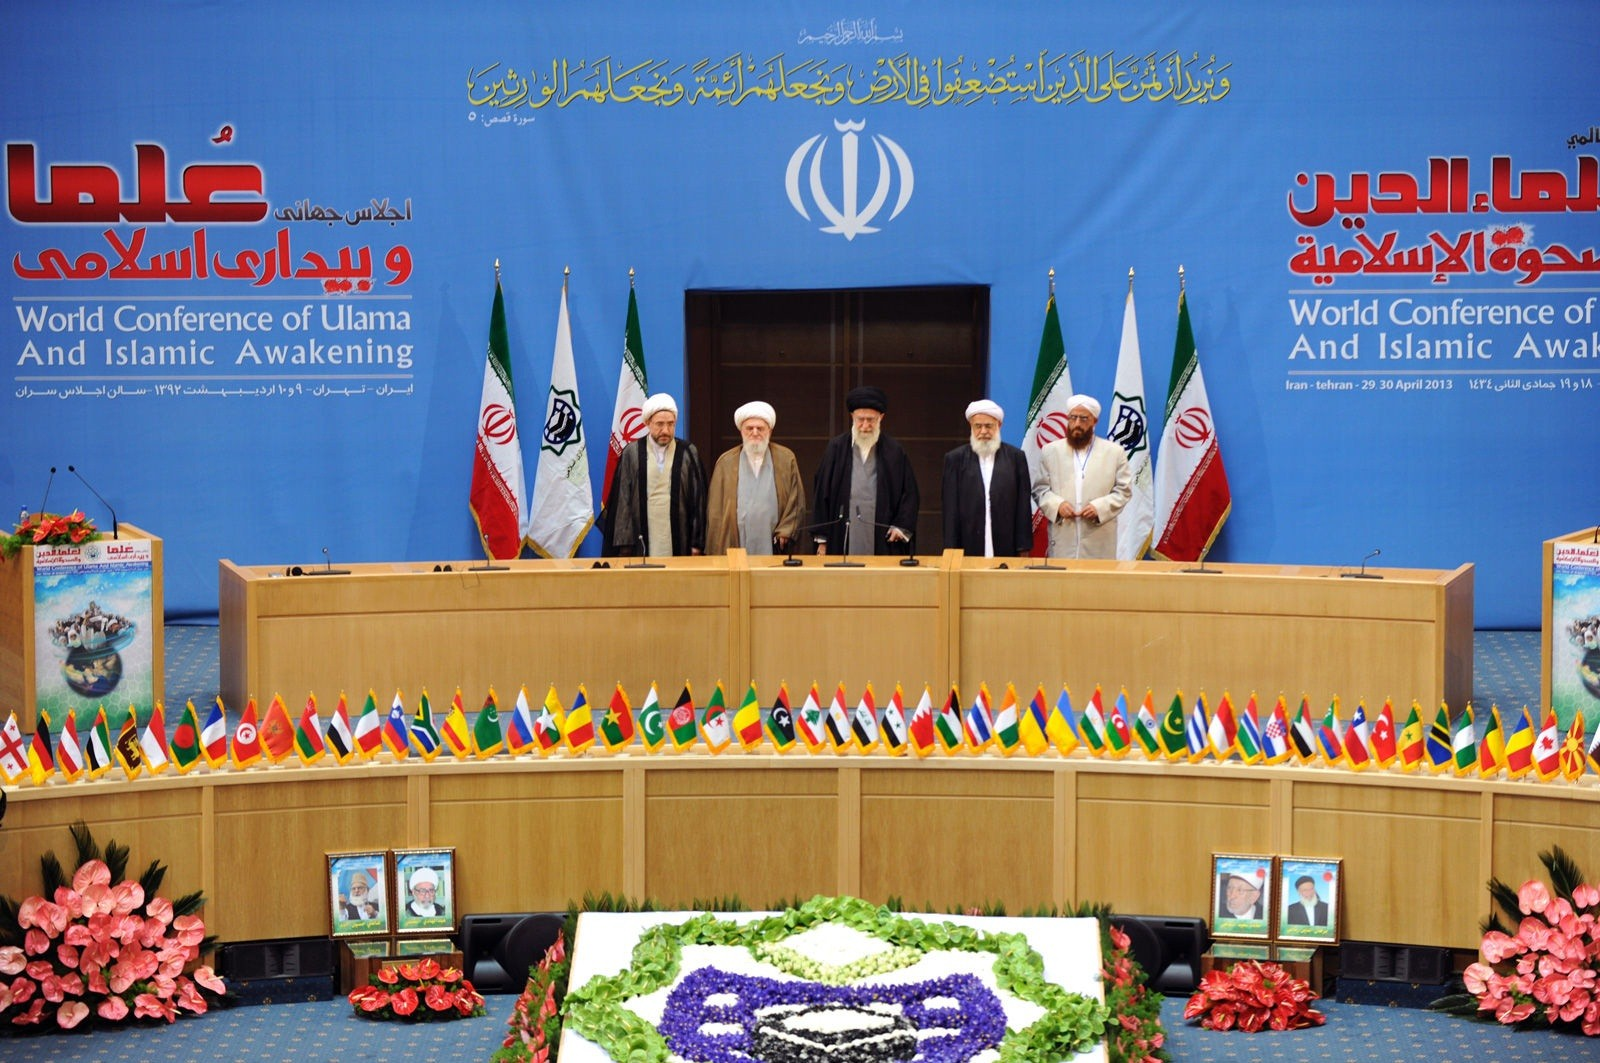 صور المؤتمر العالمي لعلماء الدين والصحوة الإسلامية